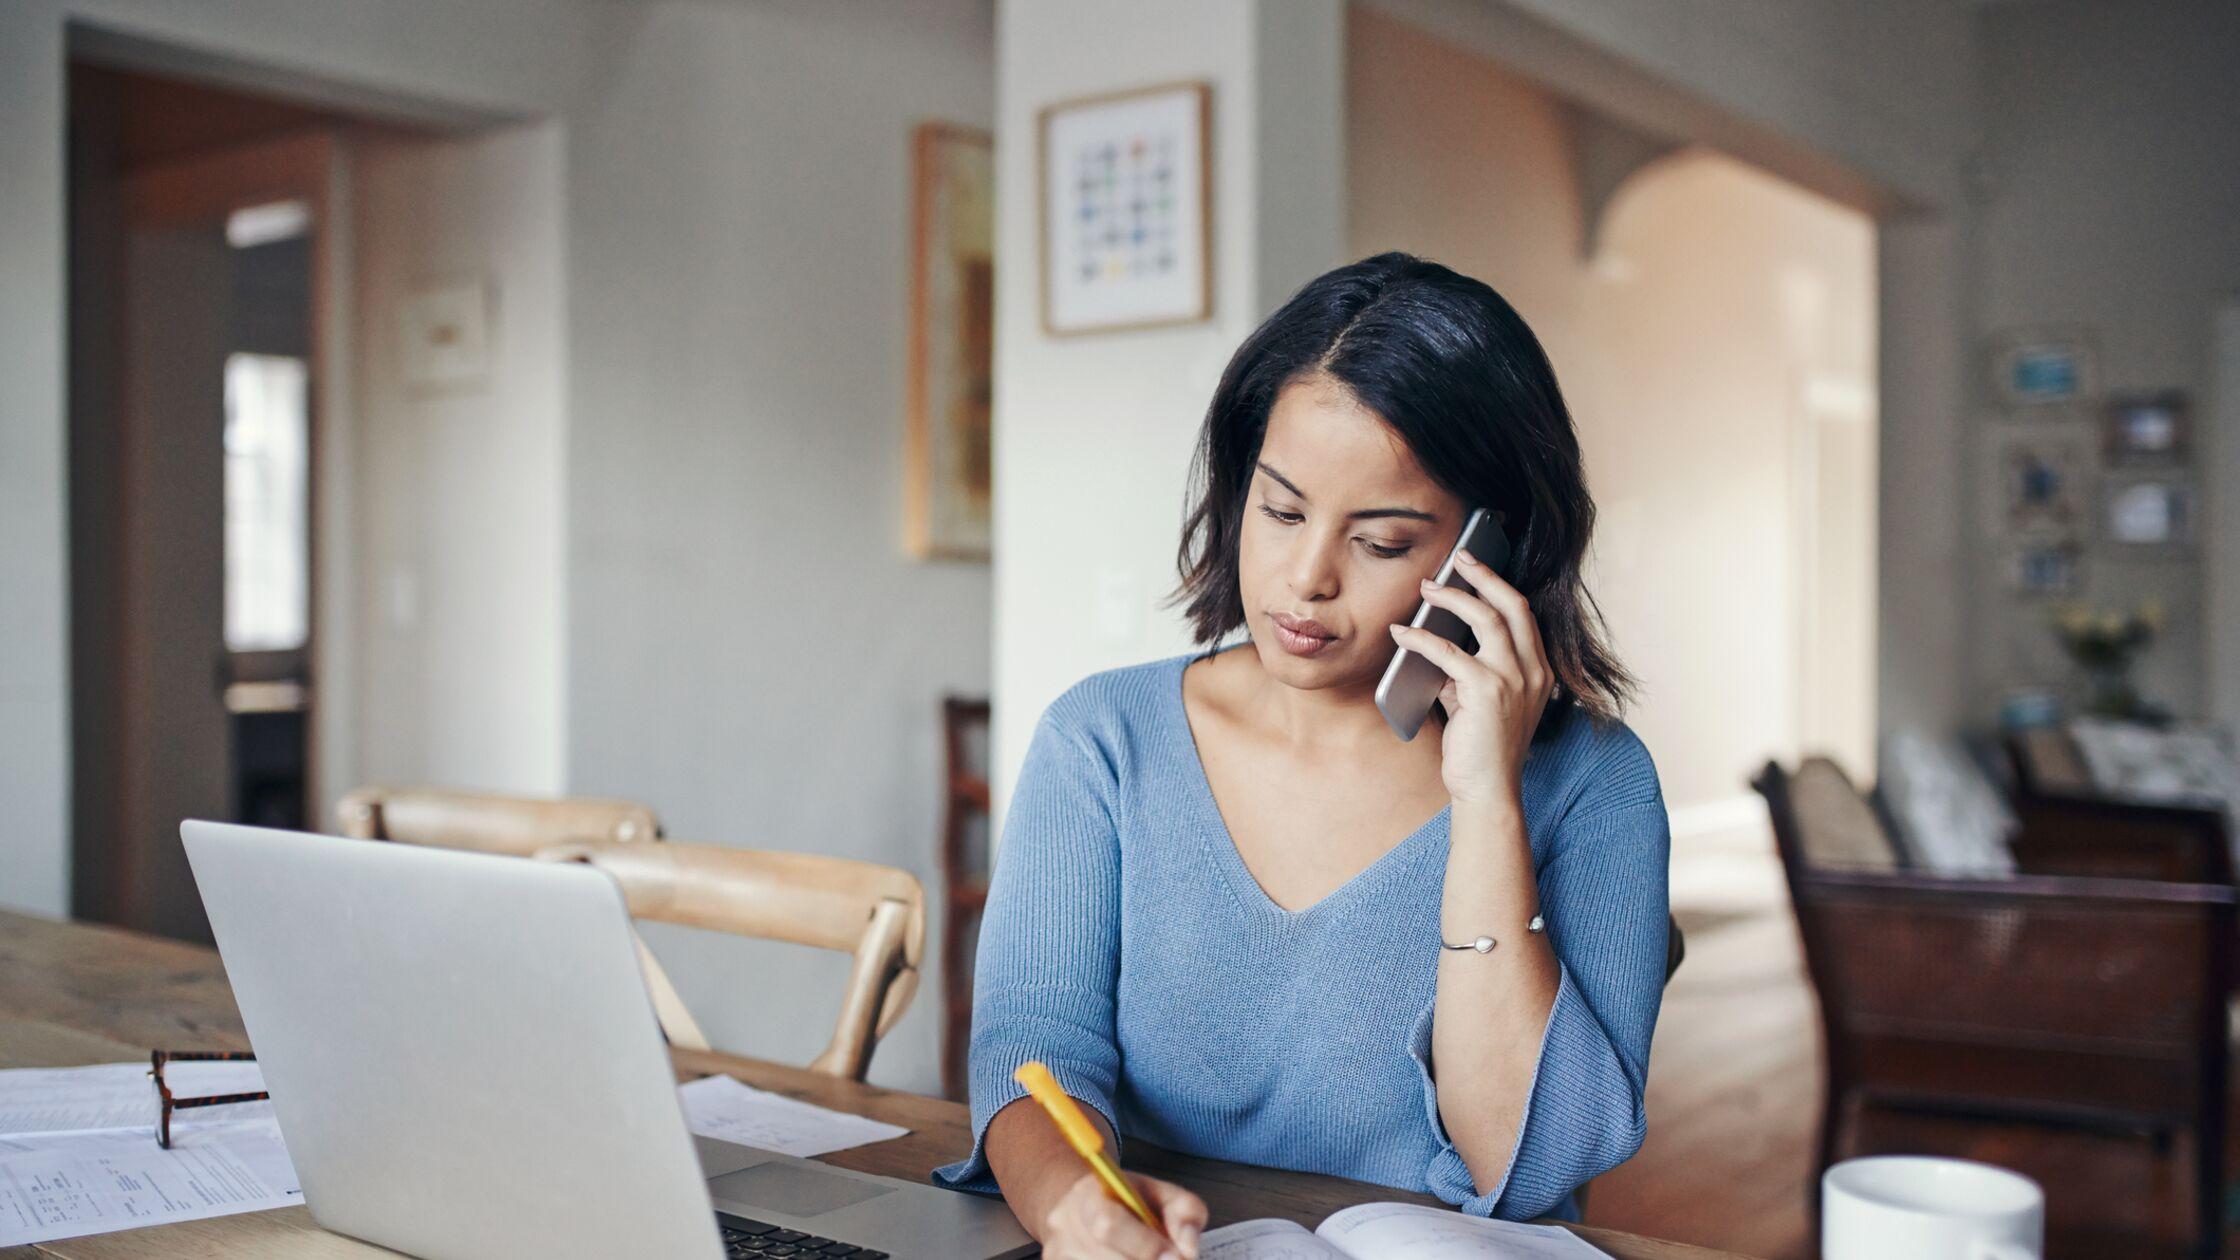 Frau telefoniert am Schreibtisch